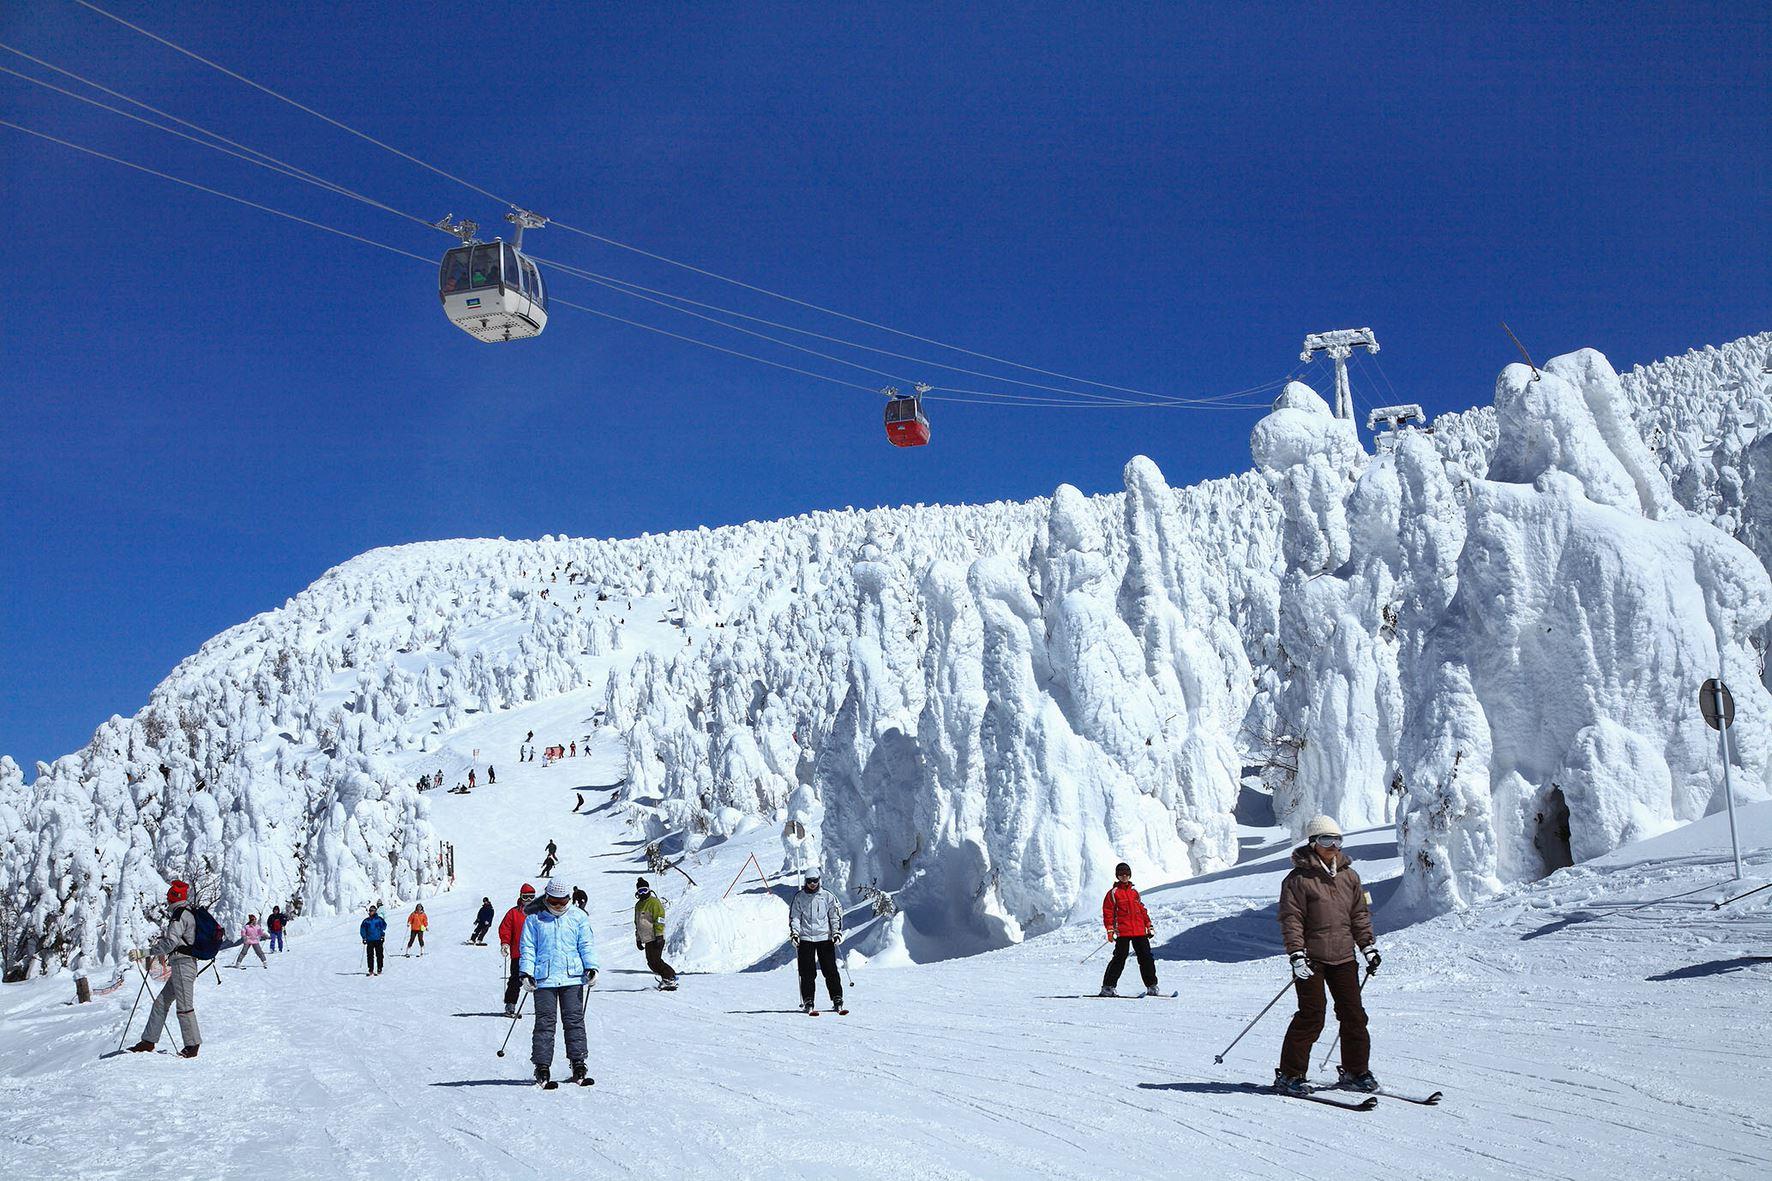 【蔵王エリア】樹氷にスキー!冬のおすすめ観光スポット5選